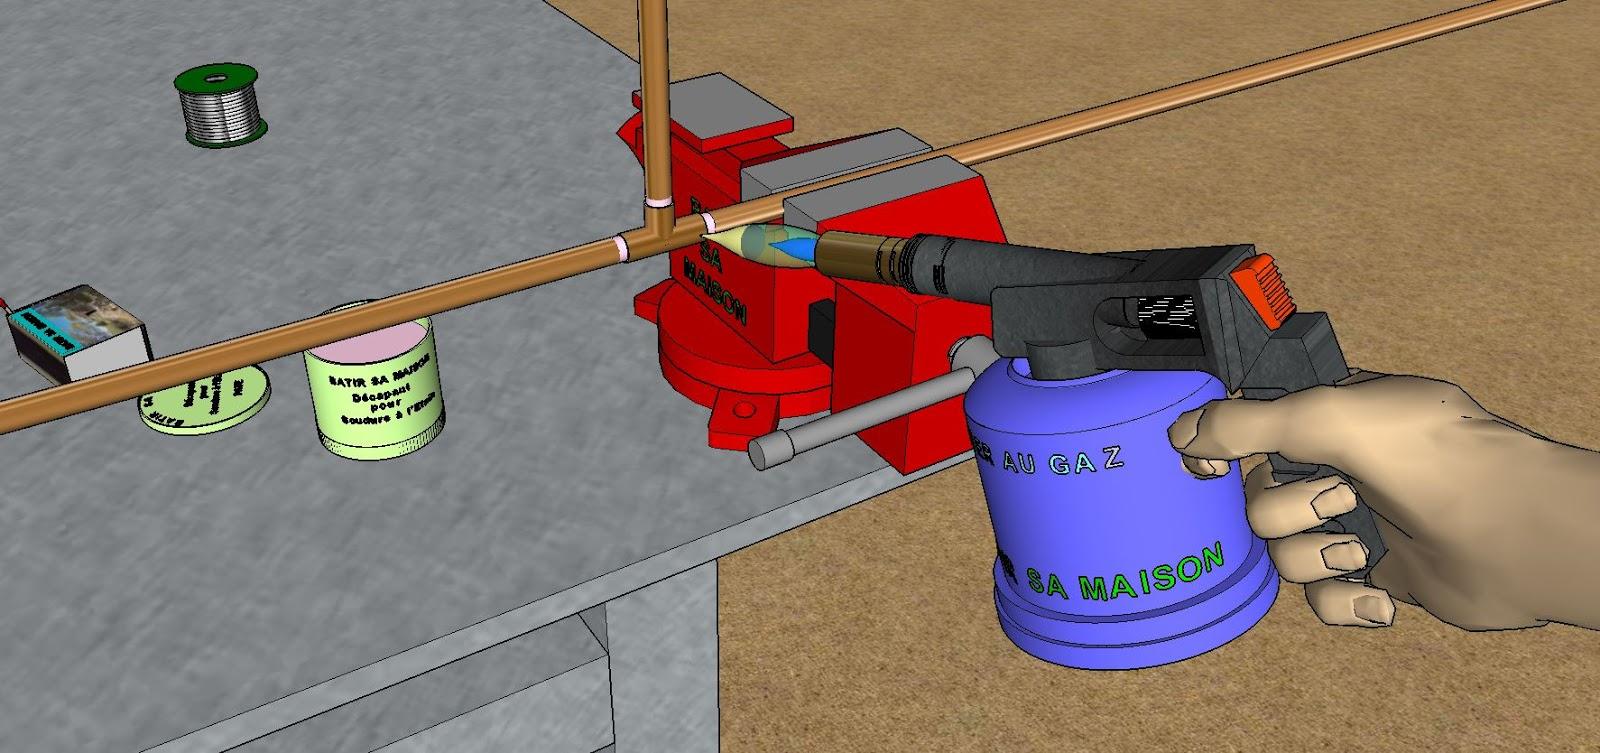 Plomberie comment faire la soudure l 39 etain - Comment nettoyer l etain ...